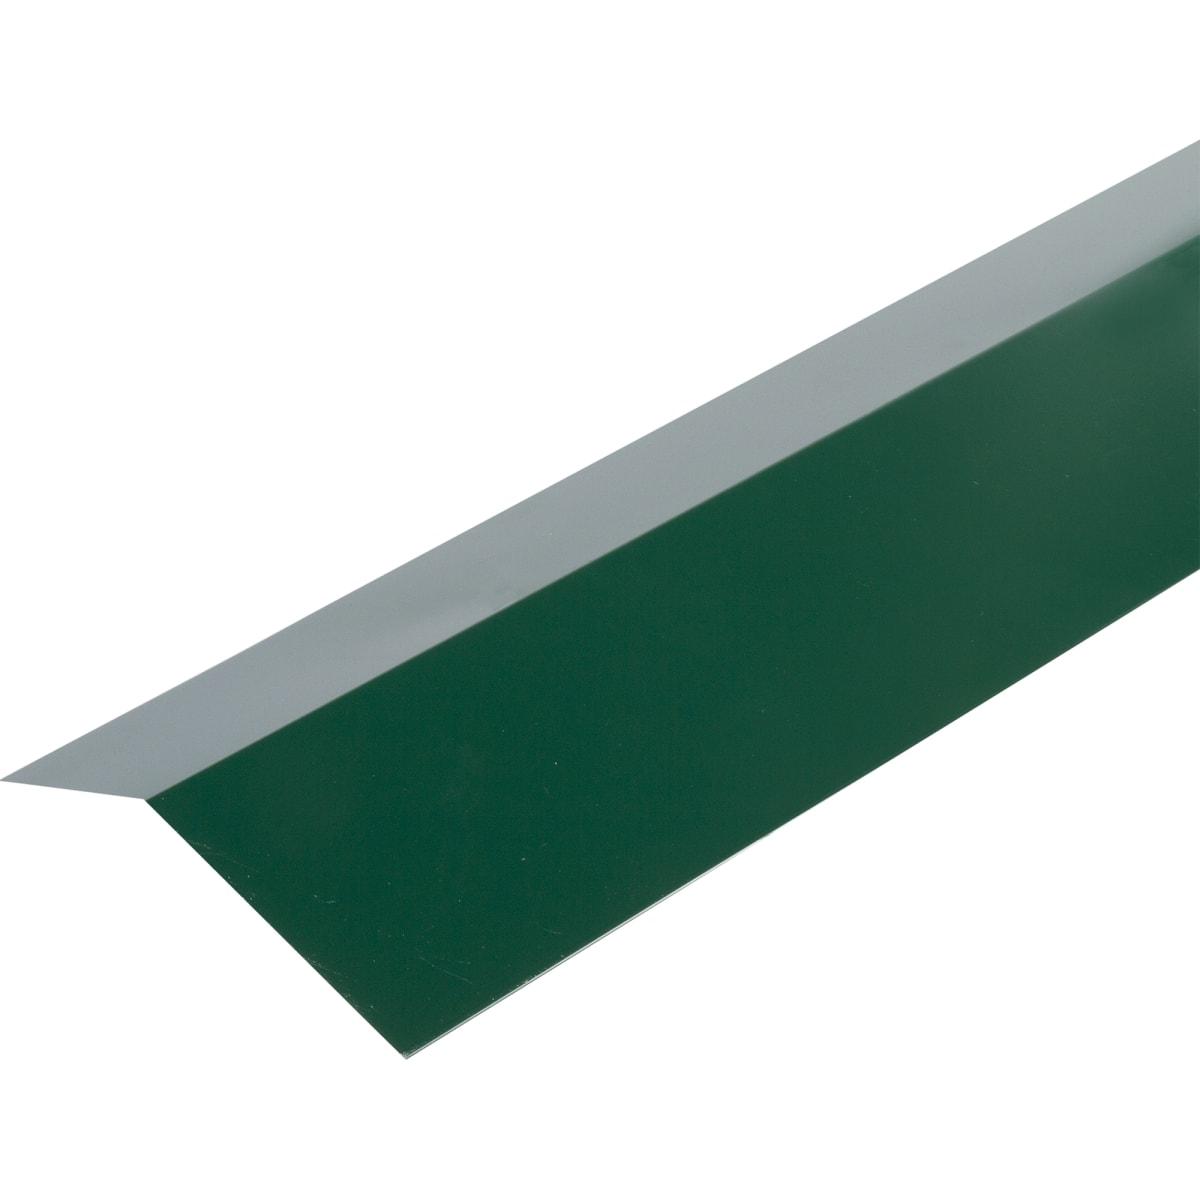 Планка карнизная с полиэстеровым покрытием 2 м цвет зелёный